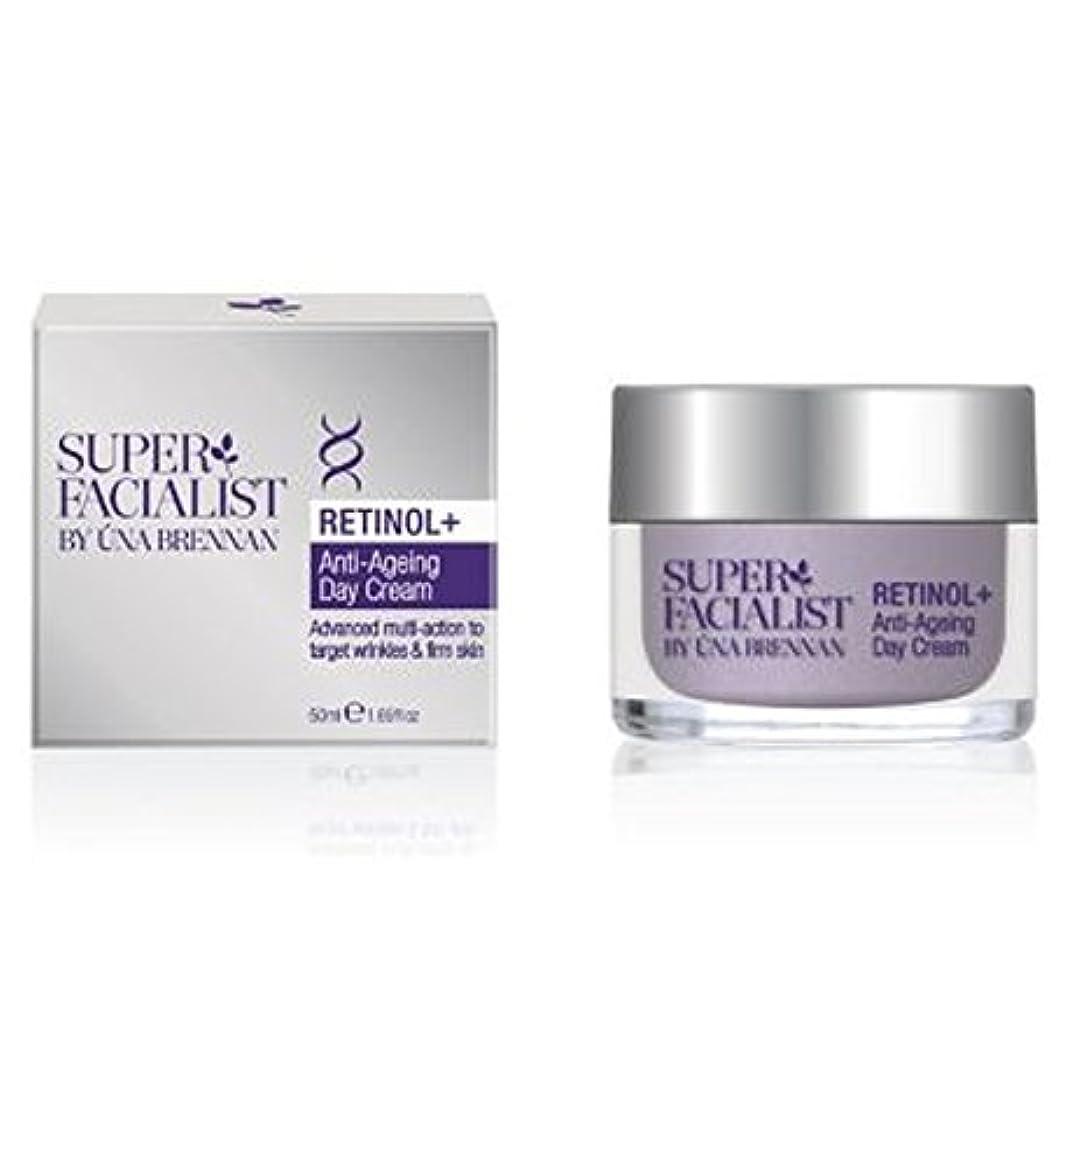 振幅警告する肌寒いSuperfacialistレチノールデイクリーム50ミリリットル (Superfacialist) (x2) - Superfacialist Retinol day cream 50ml (Pack of 2) [並行輸入品]